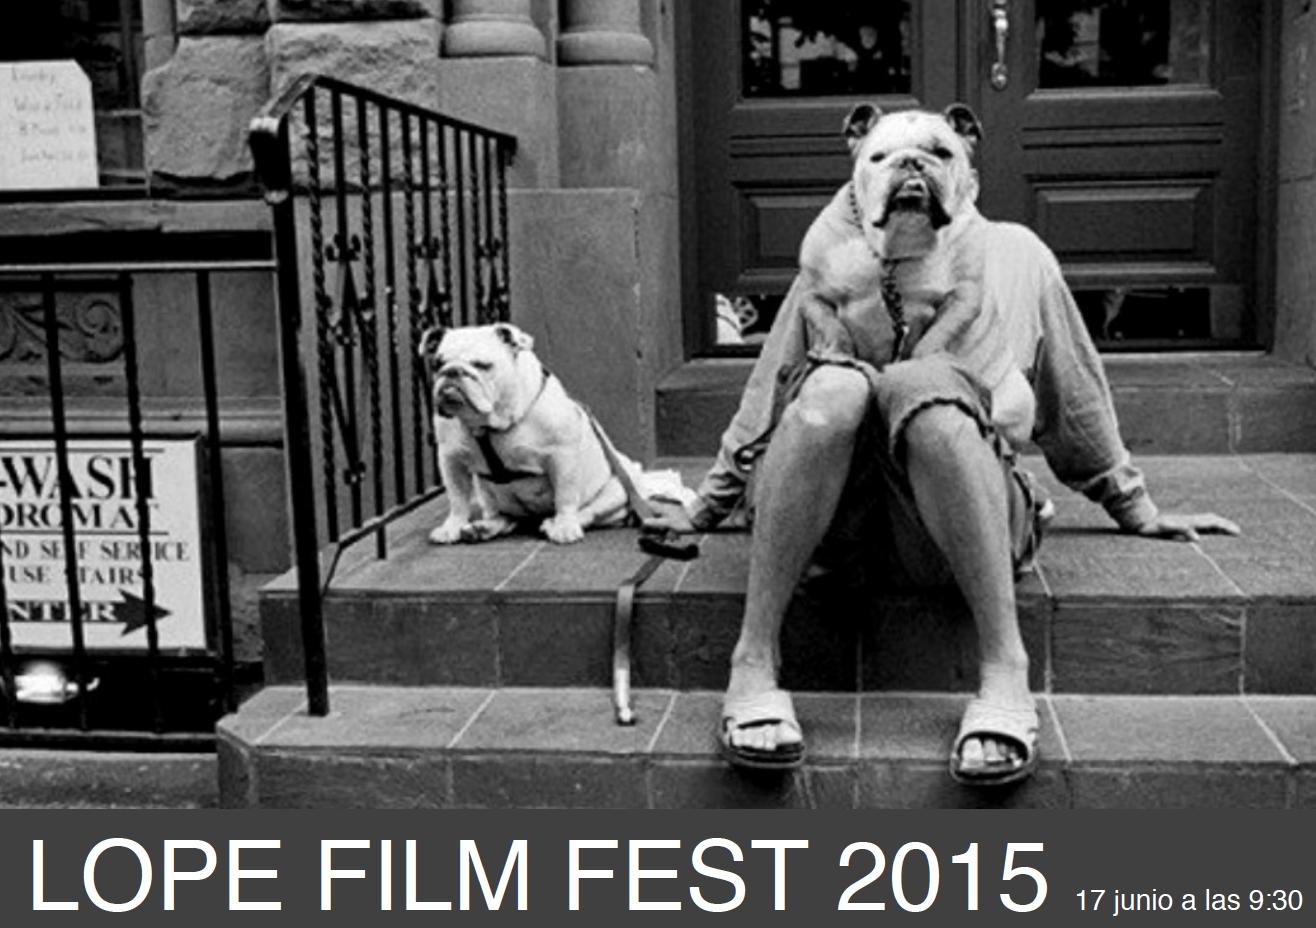 LopeFilmFest 2015